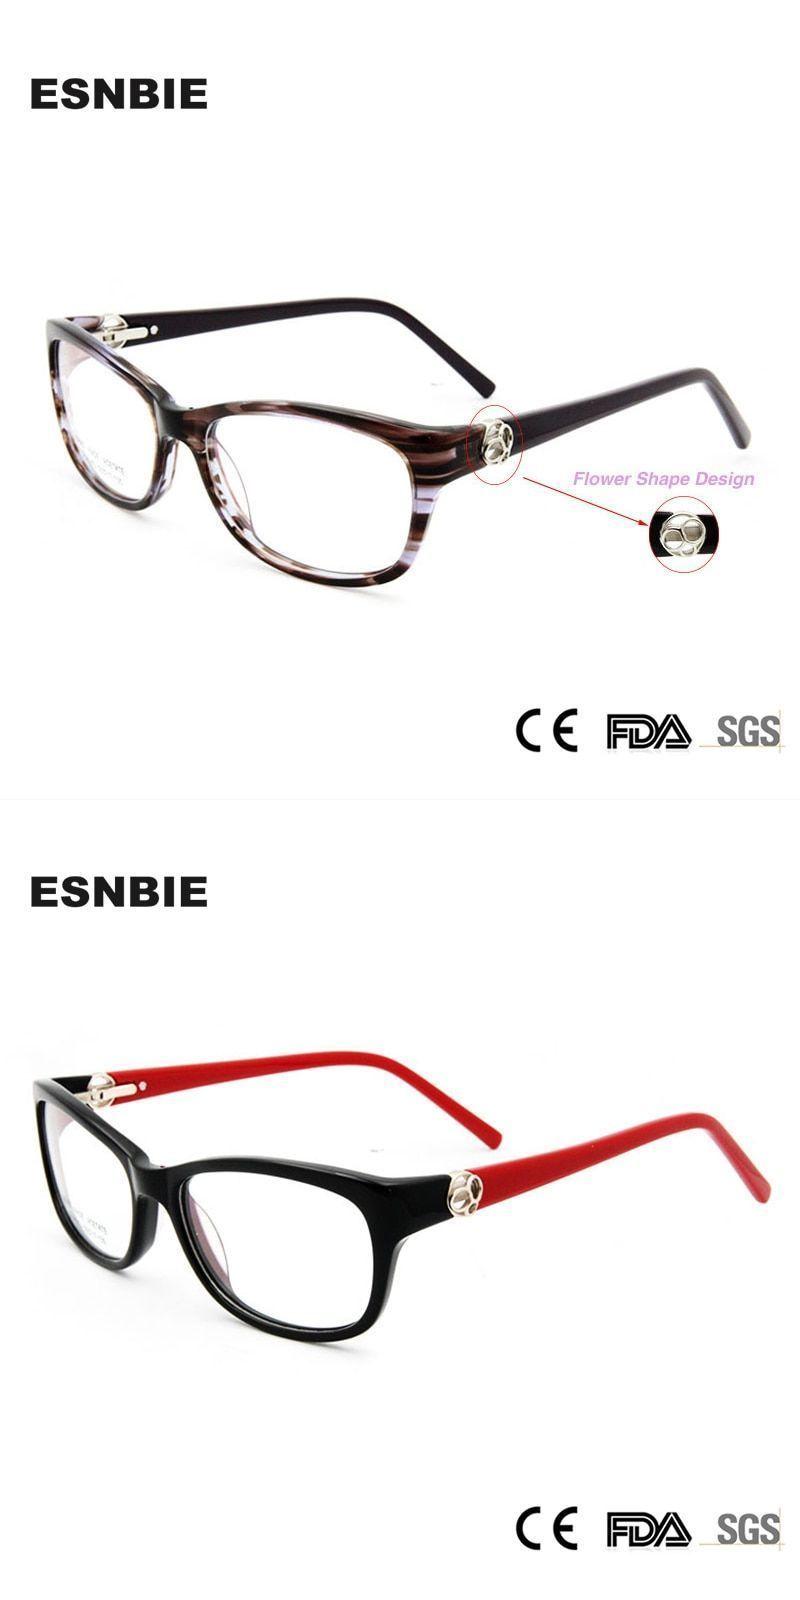 1c2f643ed9 New oculos de grau feminino fashion glasses women armacao de oculos female  prescription eyewear clear lens